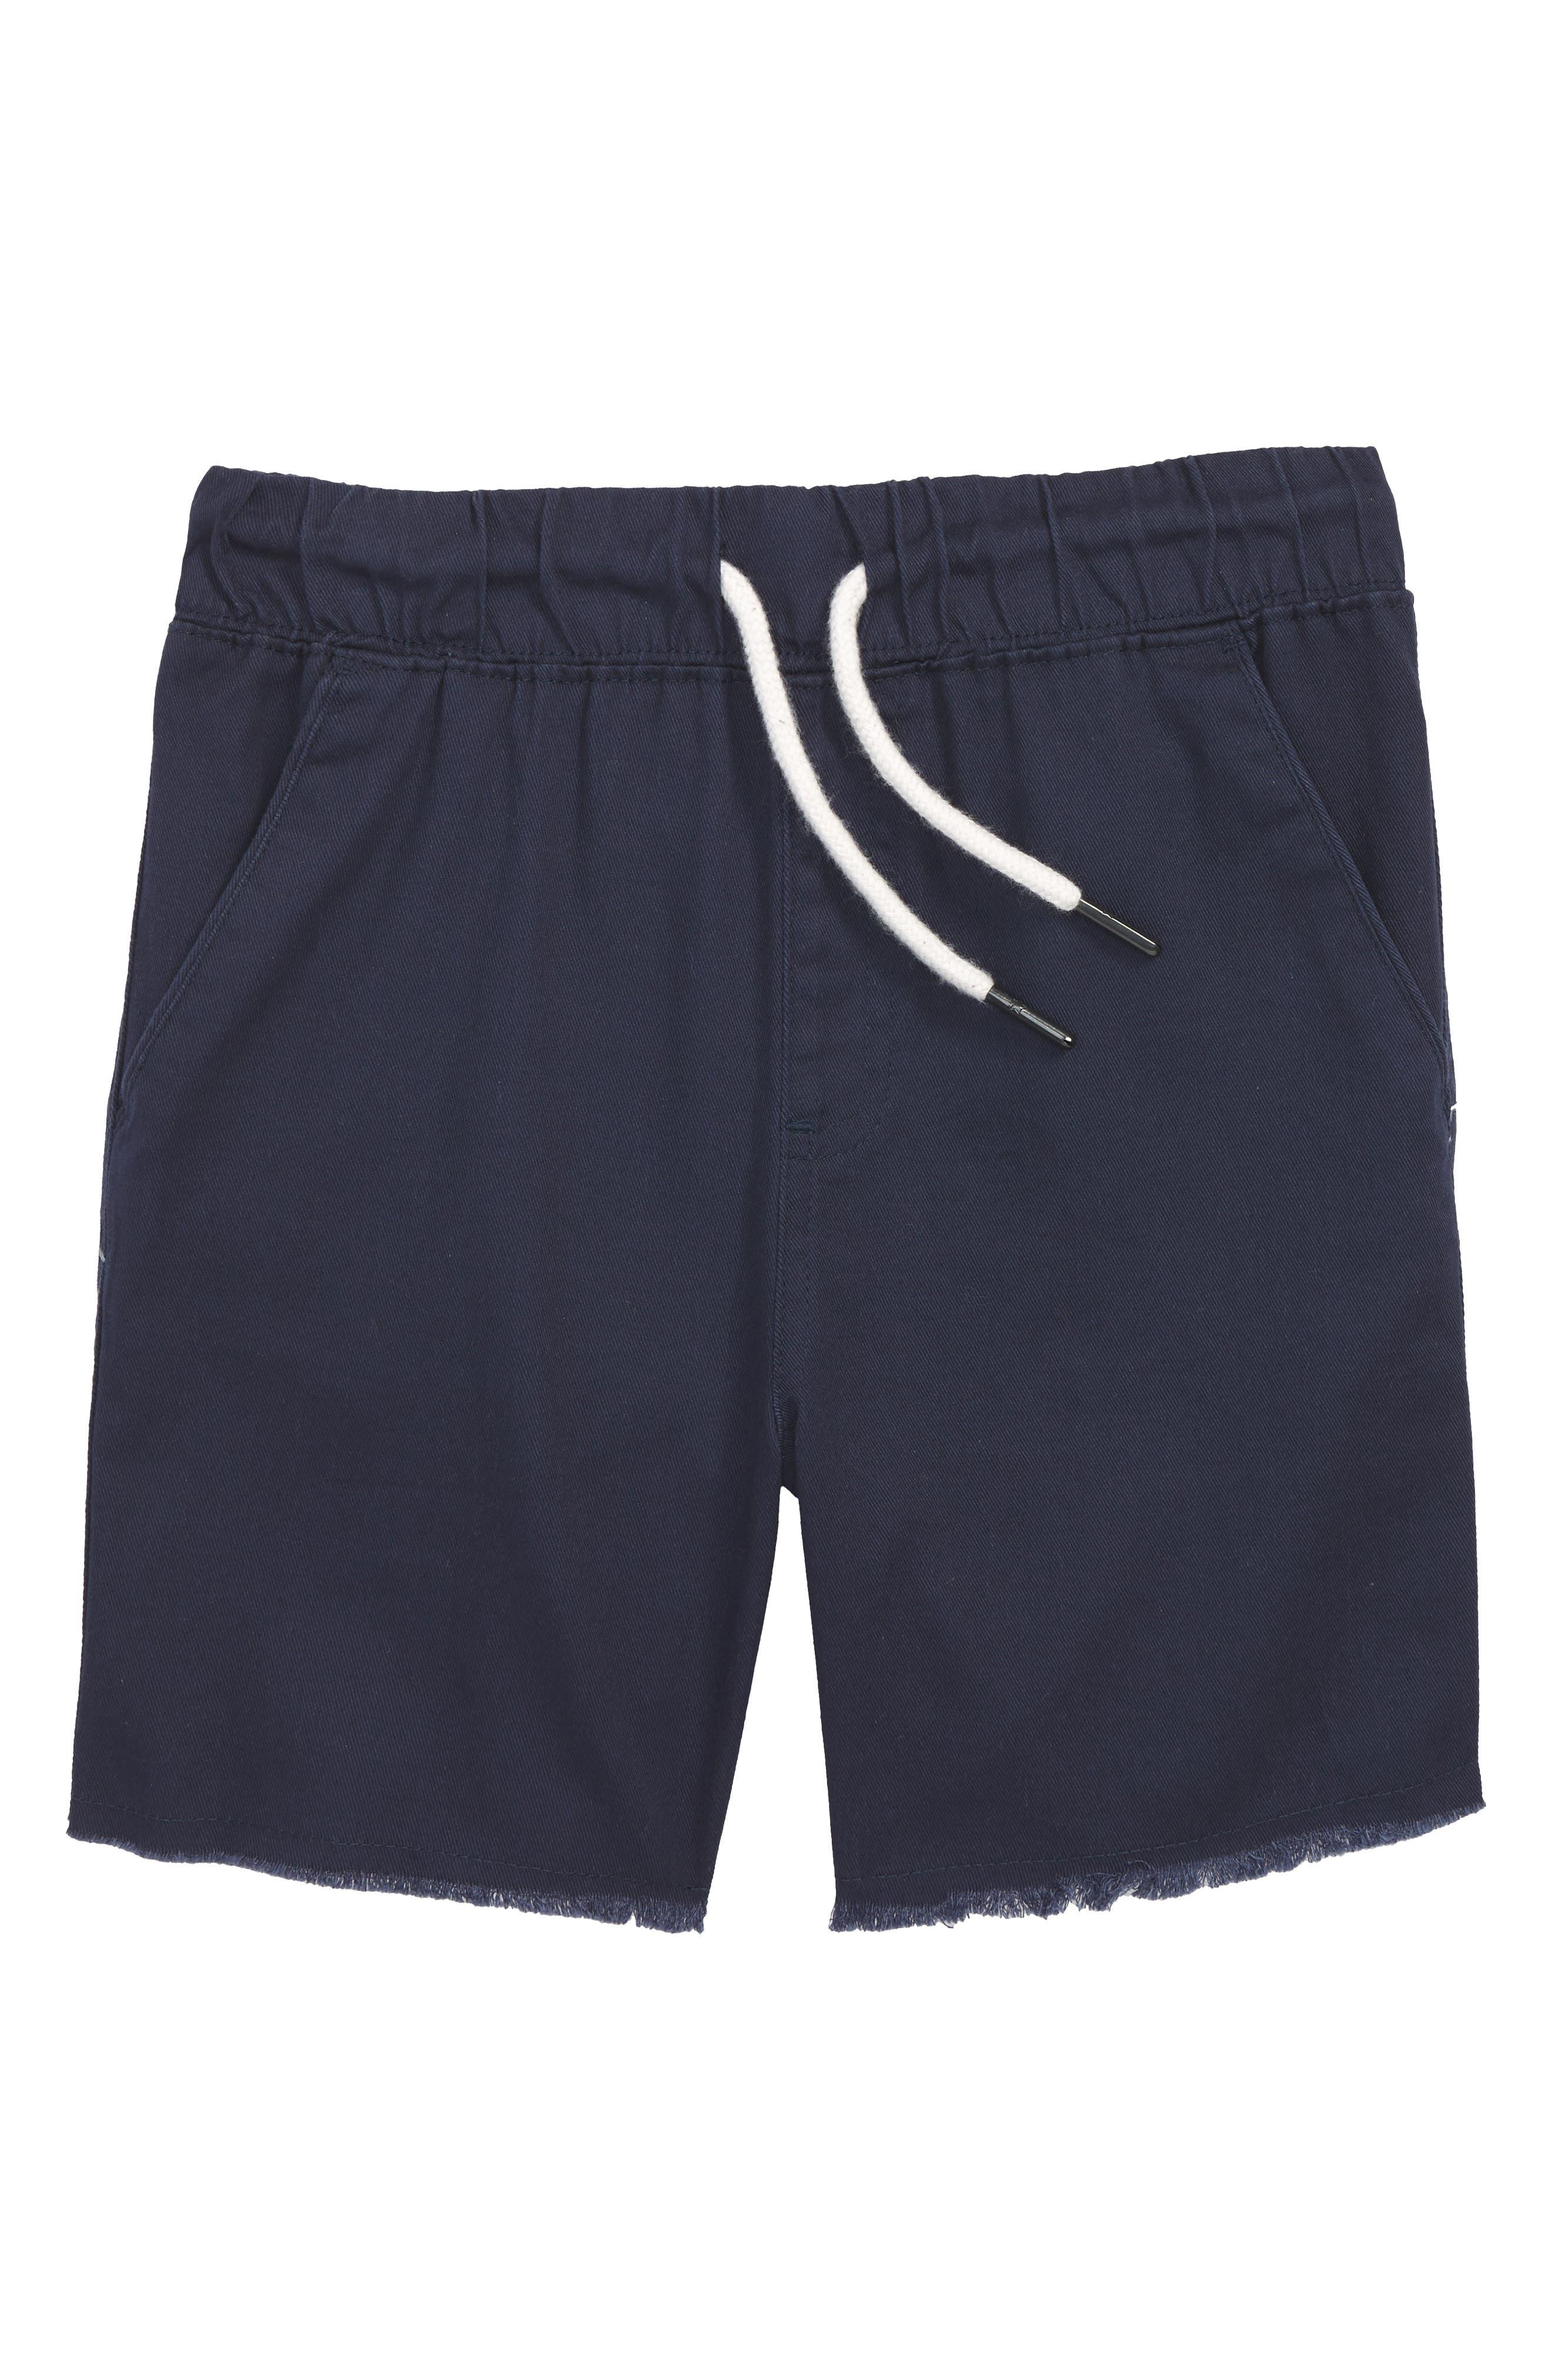 Alaska Shorts,                             Main thumbnail 1, color,                             410